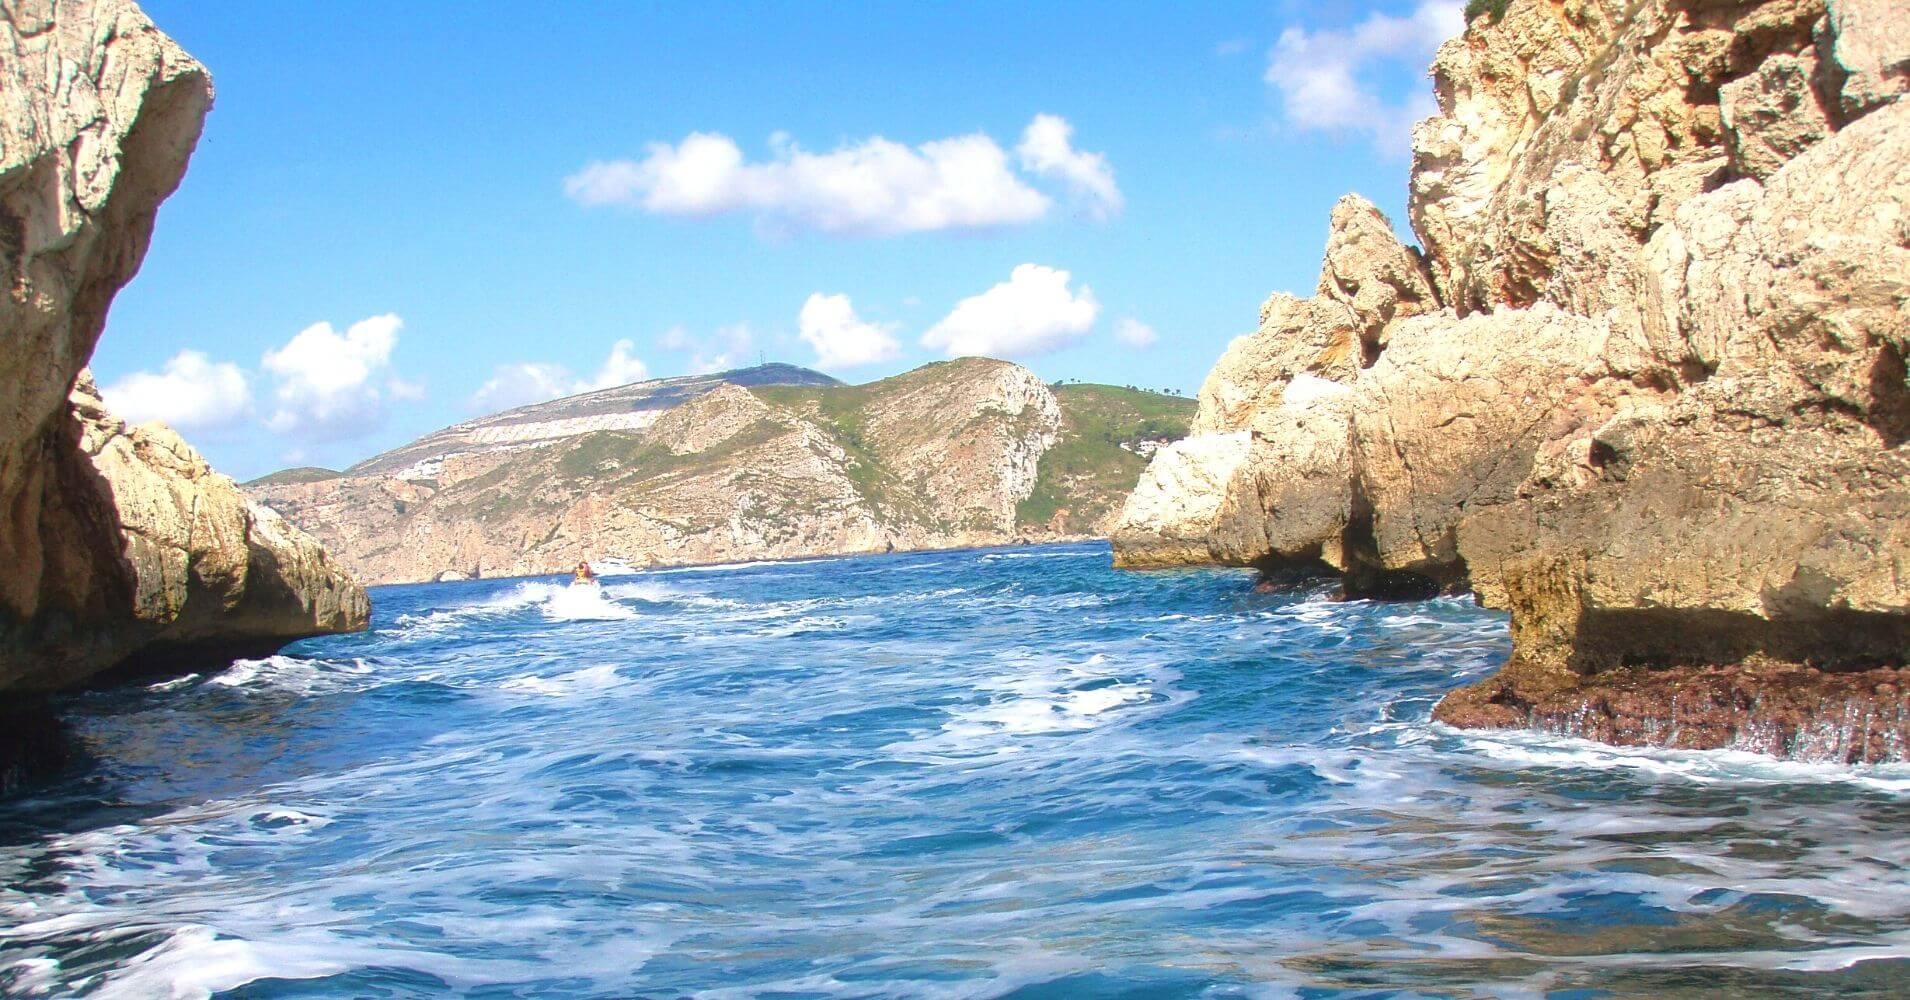 Estrecho de la Isla de Portixol, Jávea. Alicante. Comunidad Valenciana.